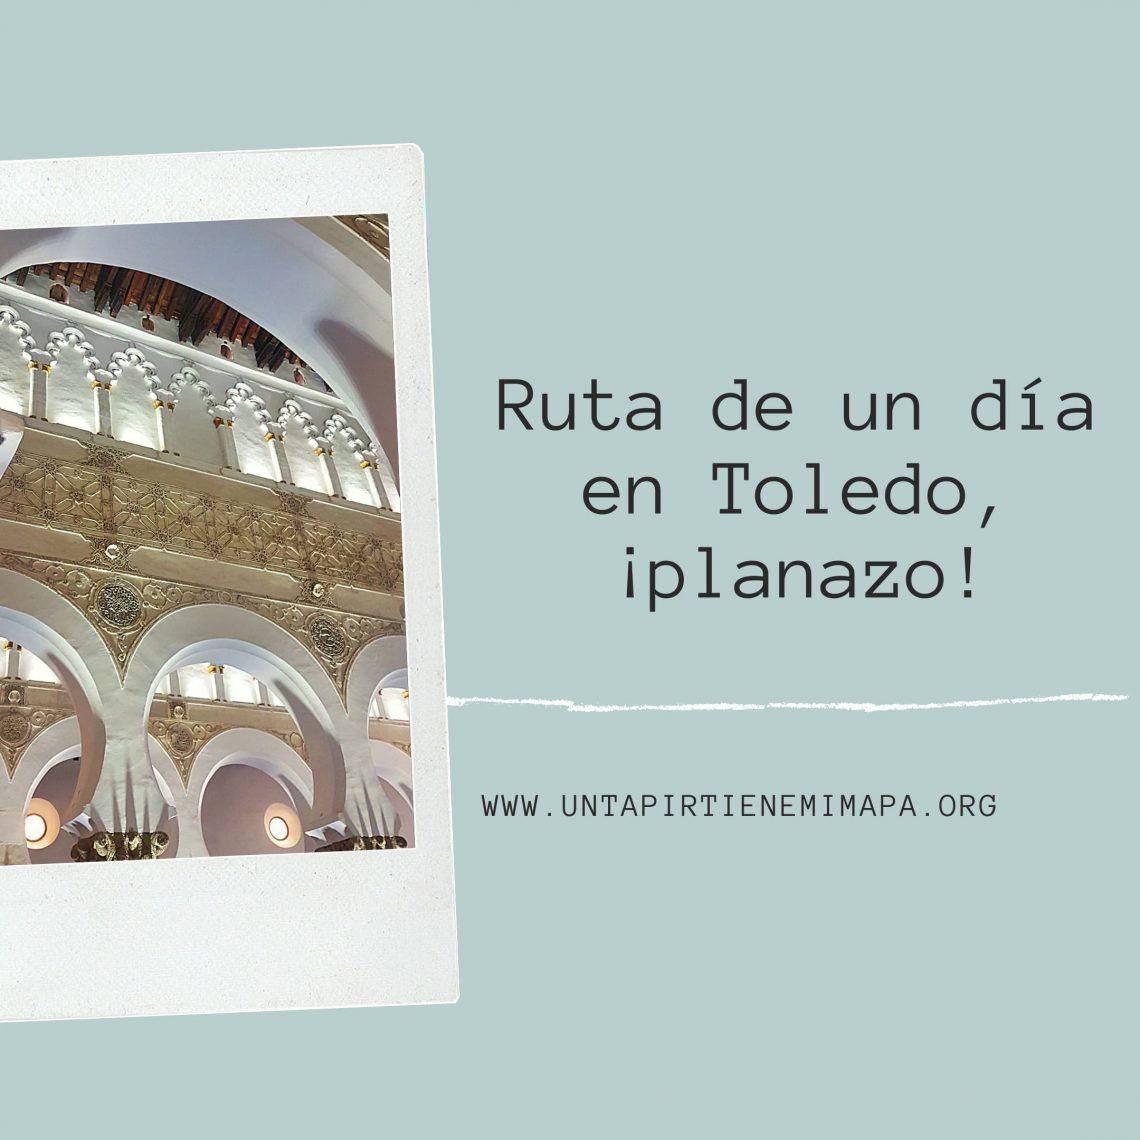 Imagen principal del post Ruta de un día en Toledo